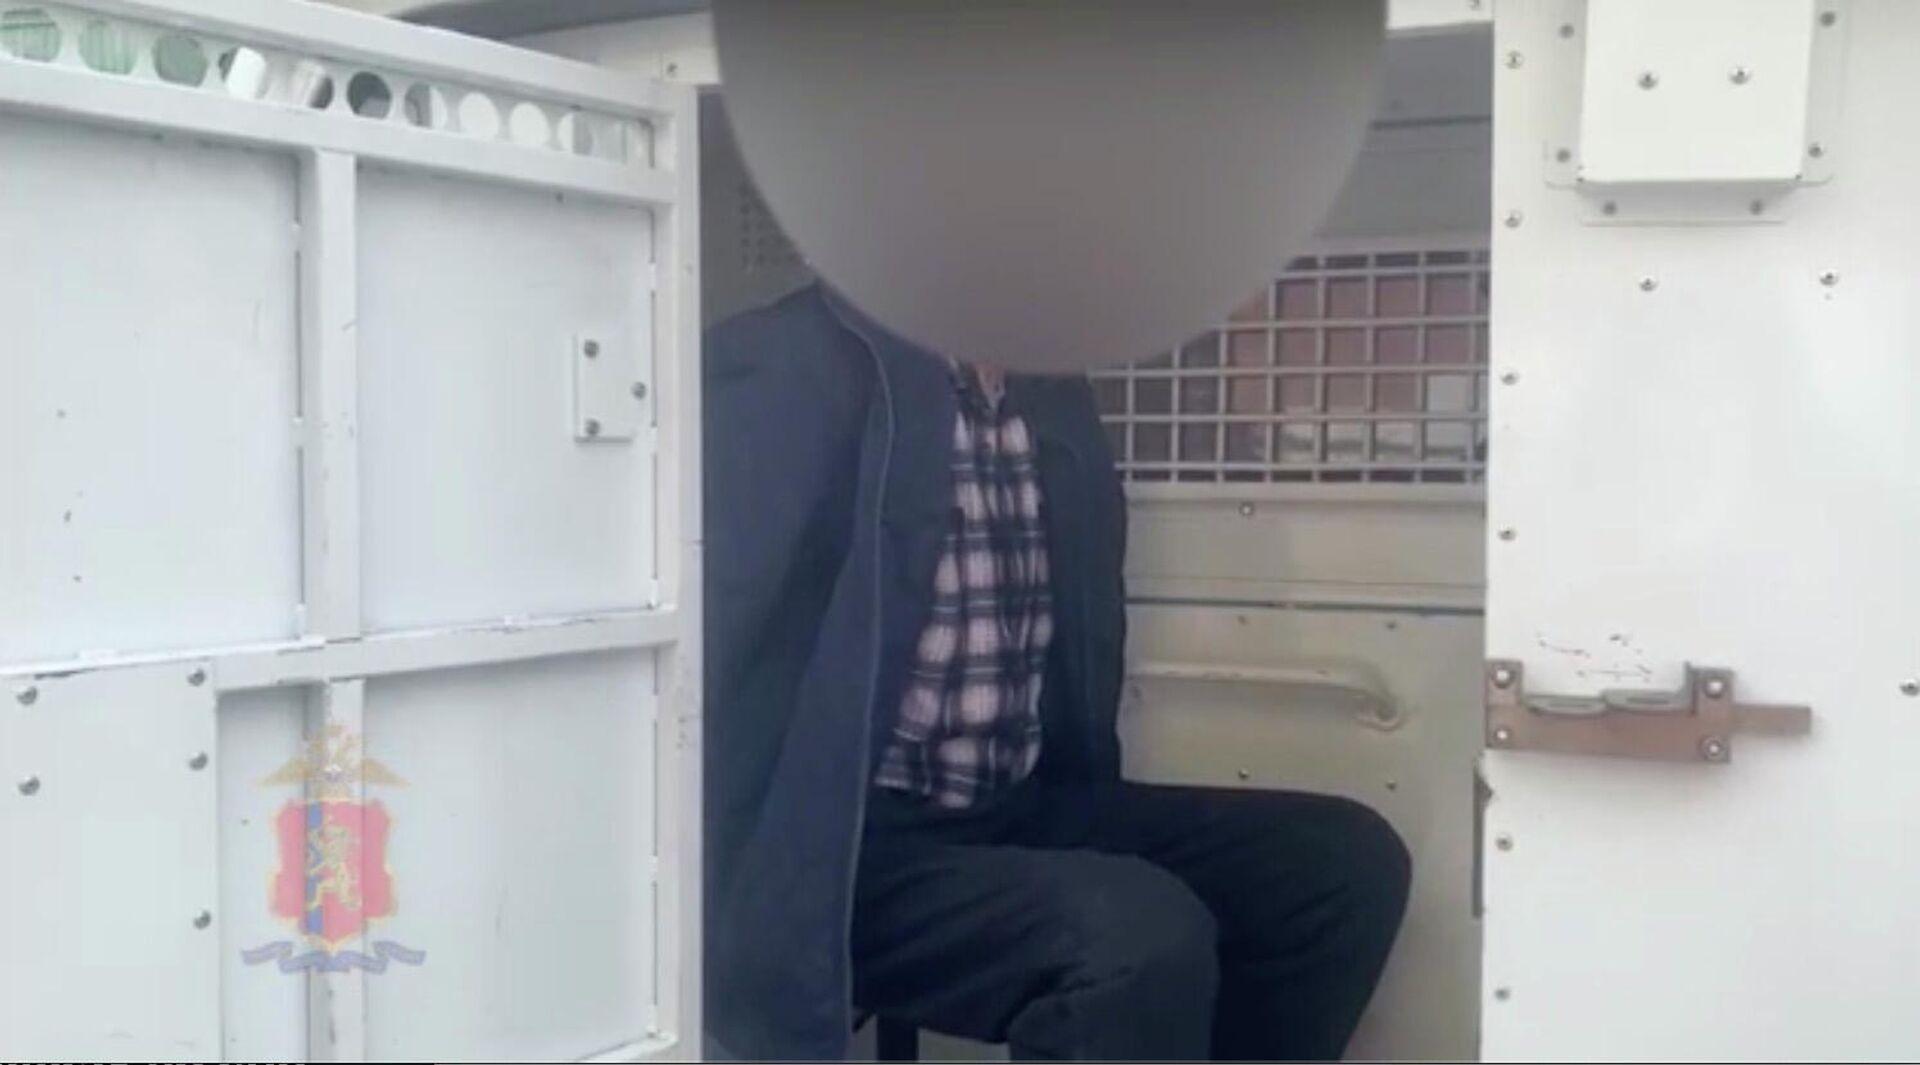 В Красноярске оперативники уголовного розыска задержали подозреваемого в совершении убийства двух человек. - РИА Новости, 1920, 07.05.2021